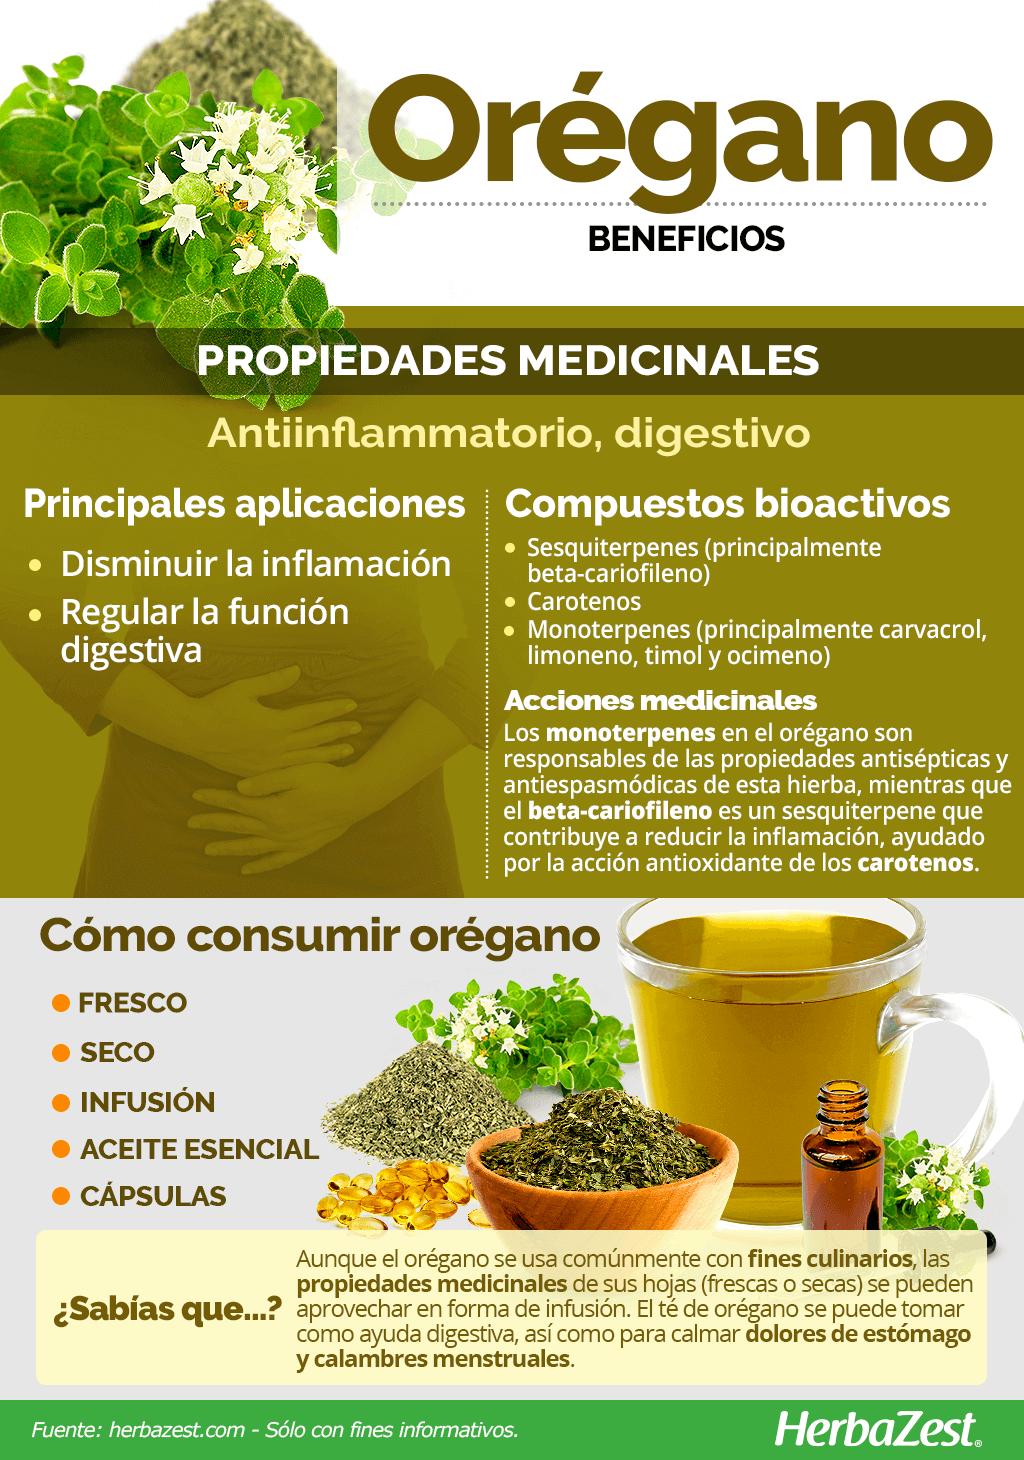 410 Ideas De Beneficios De Ingredientes En 2021 Beneficios De Alimentos Frutas Y Verduras Beneficios Recetas Para La Salud